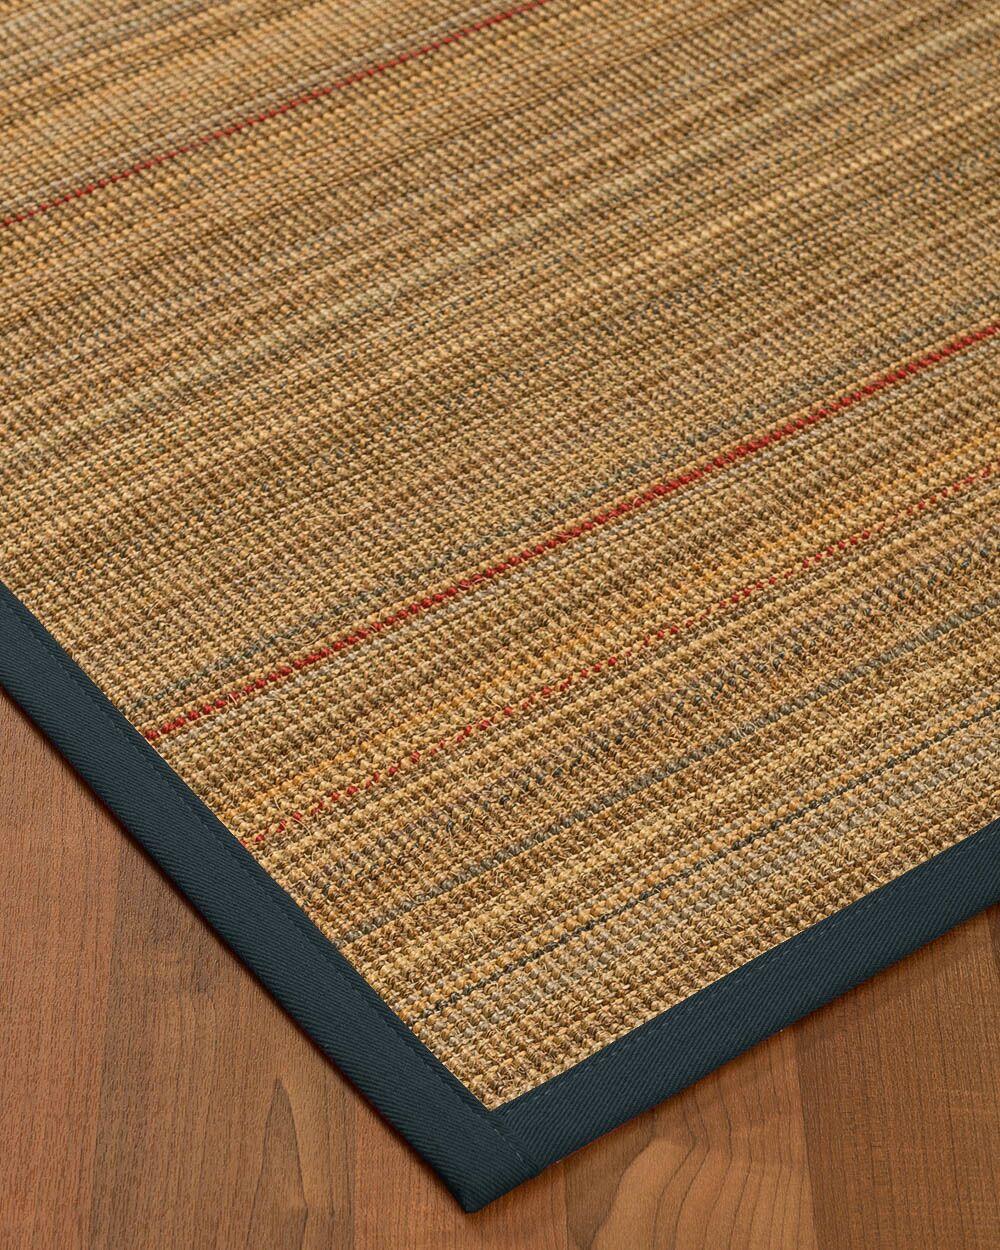 Kimble Hand-Woven Beige Area Rug Rug Size: Rectangle 12' x 15'